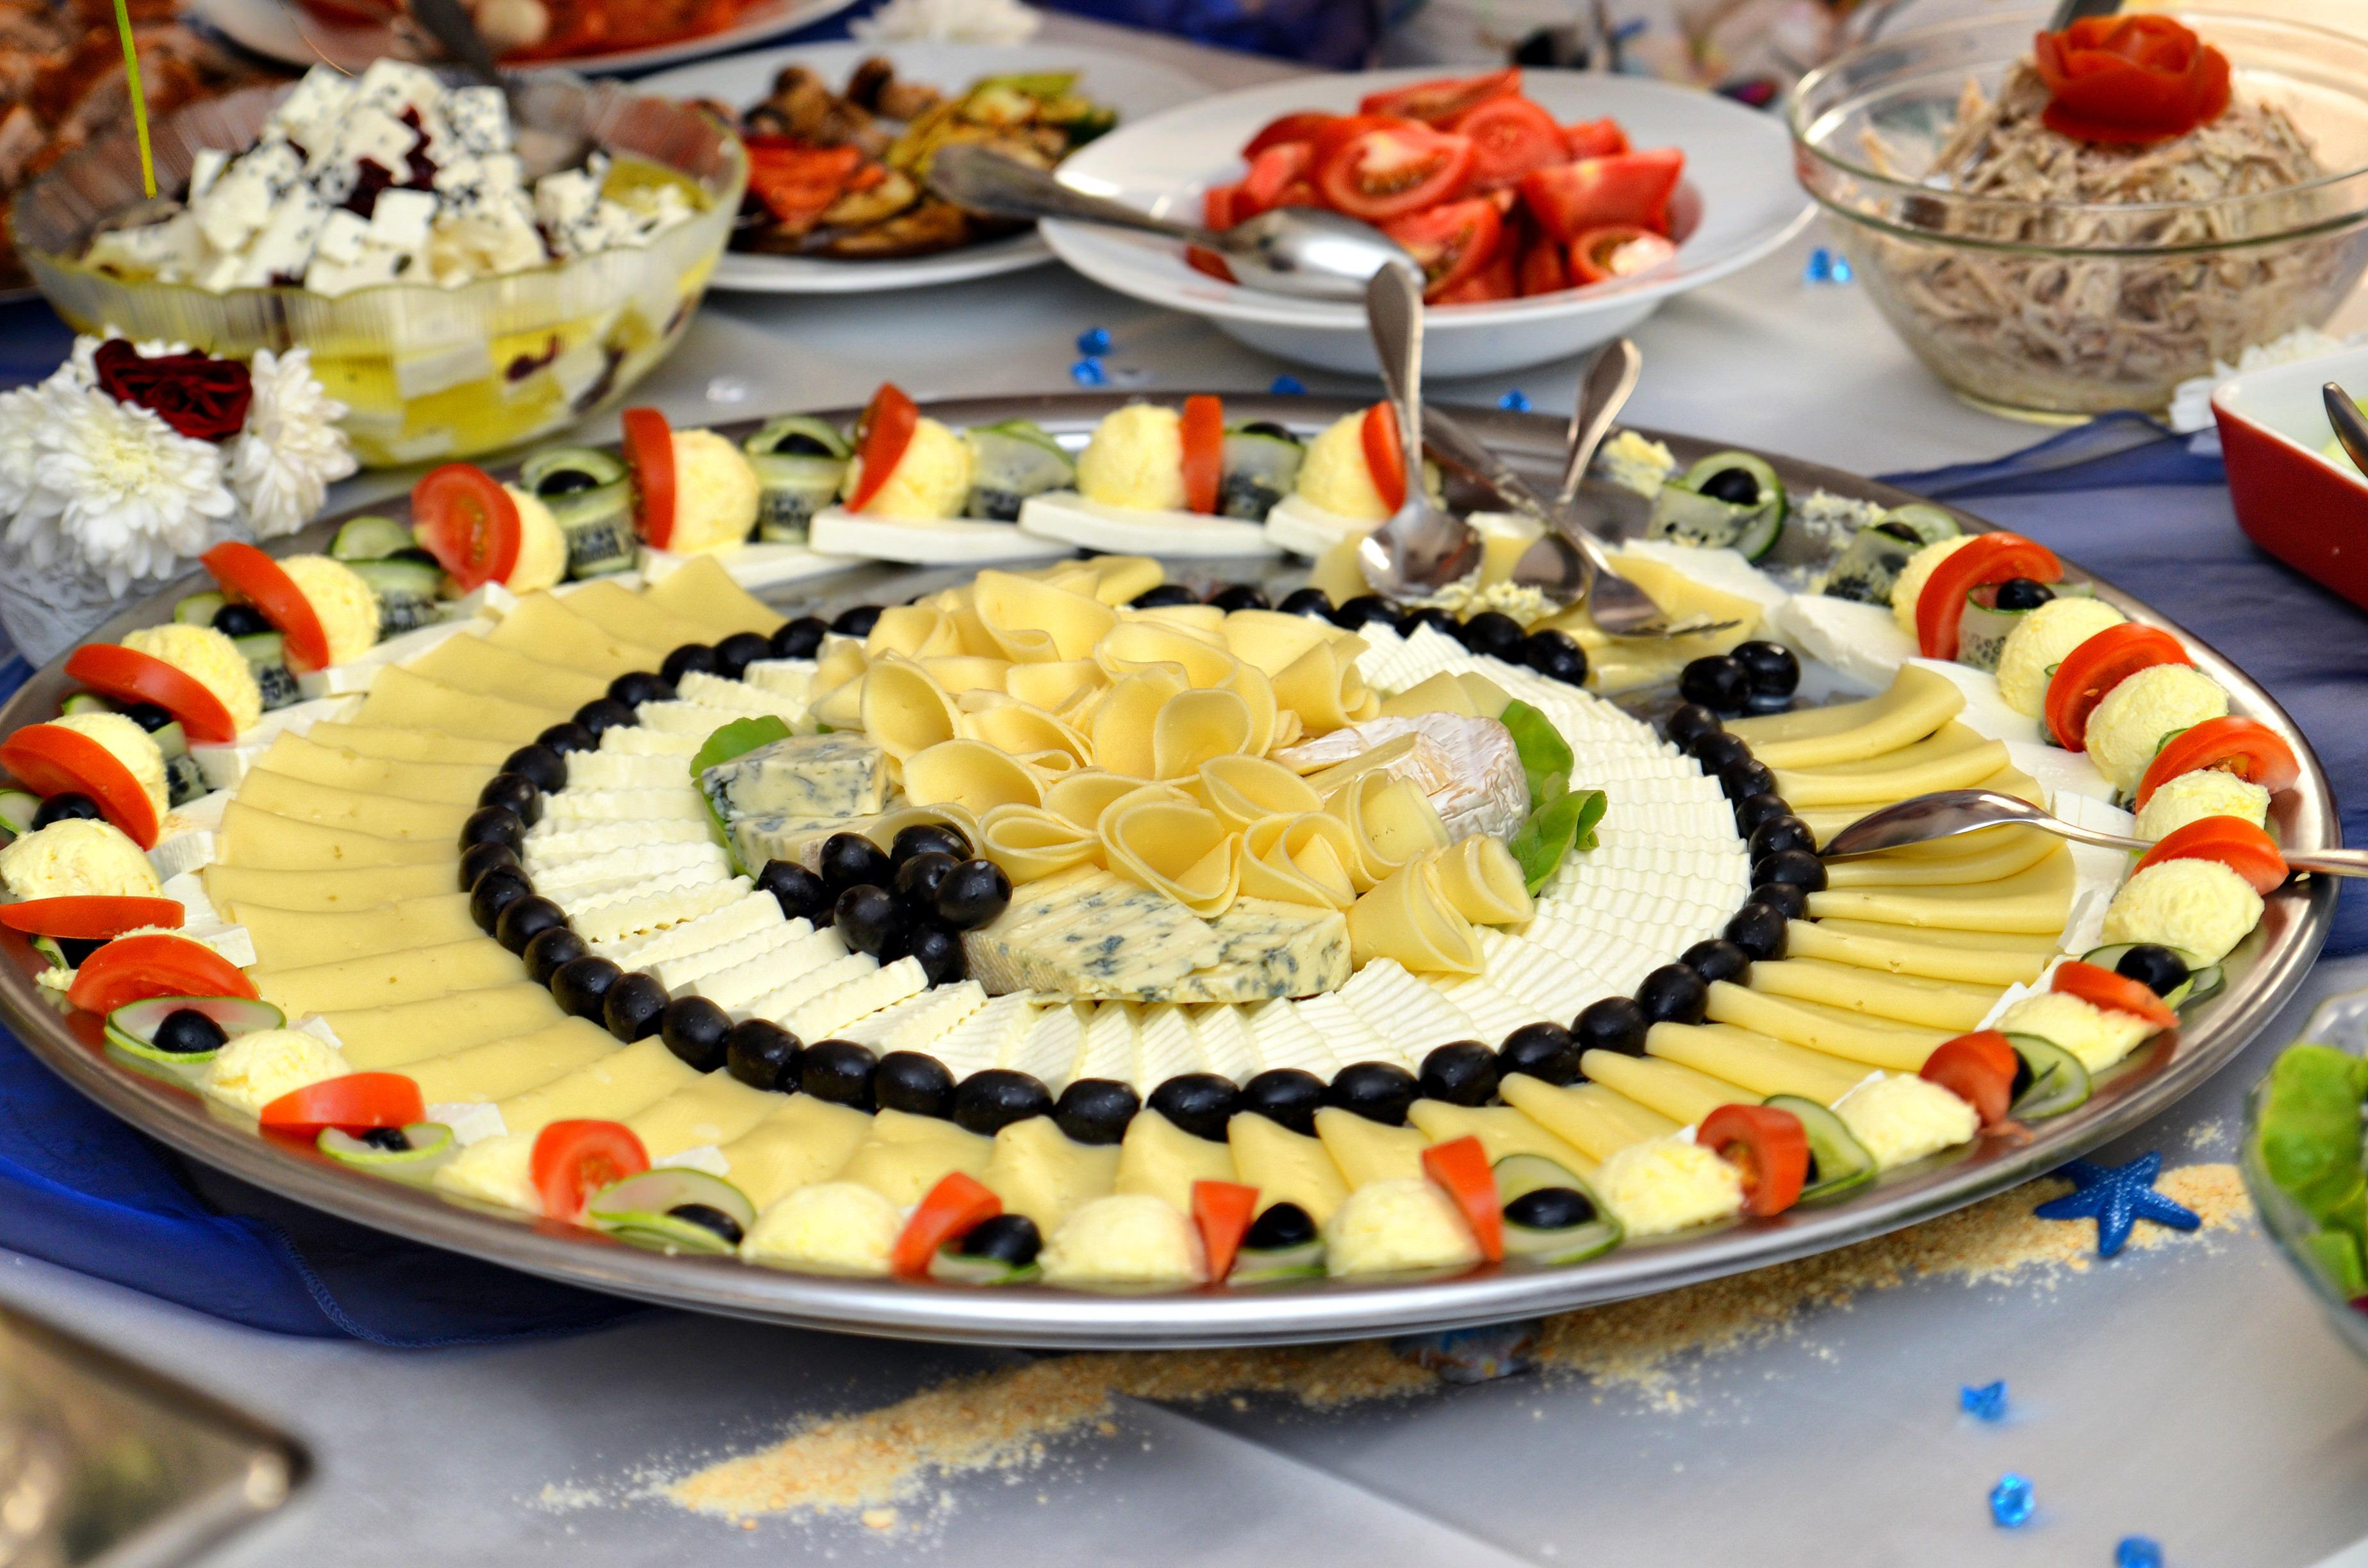 Hrana-dekoracije-2016-116